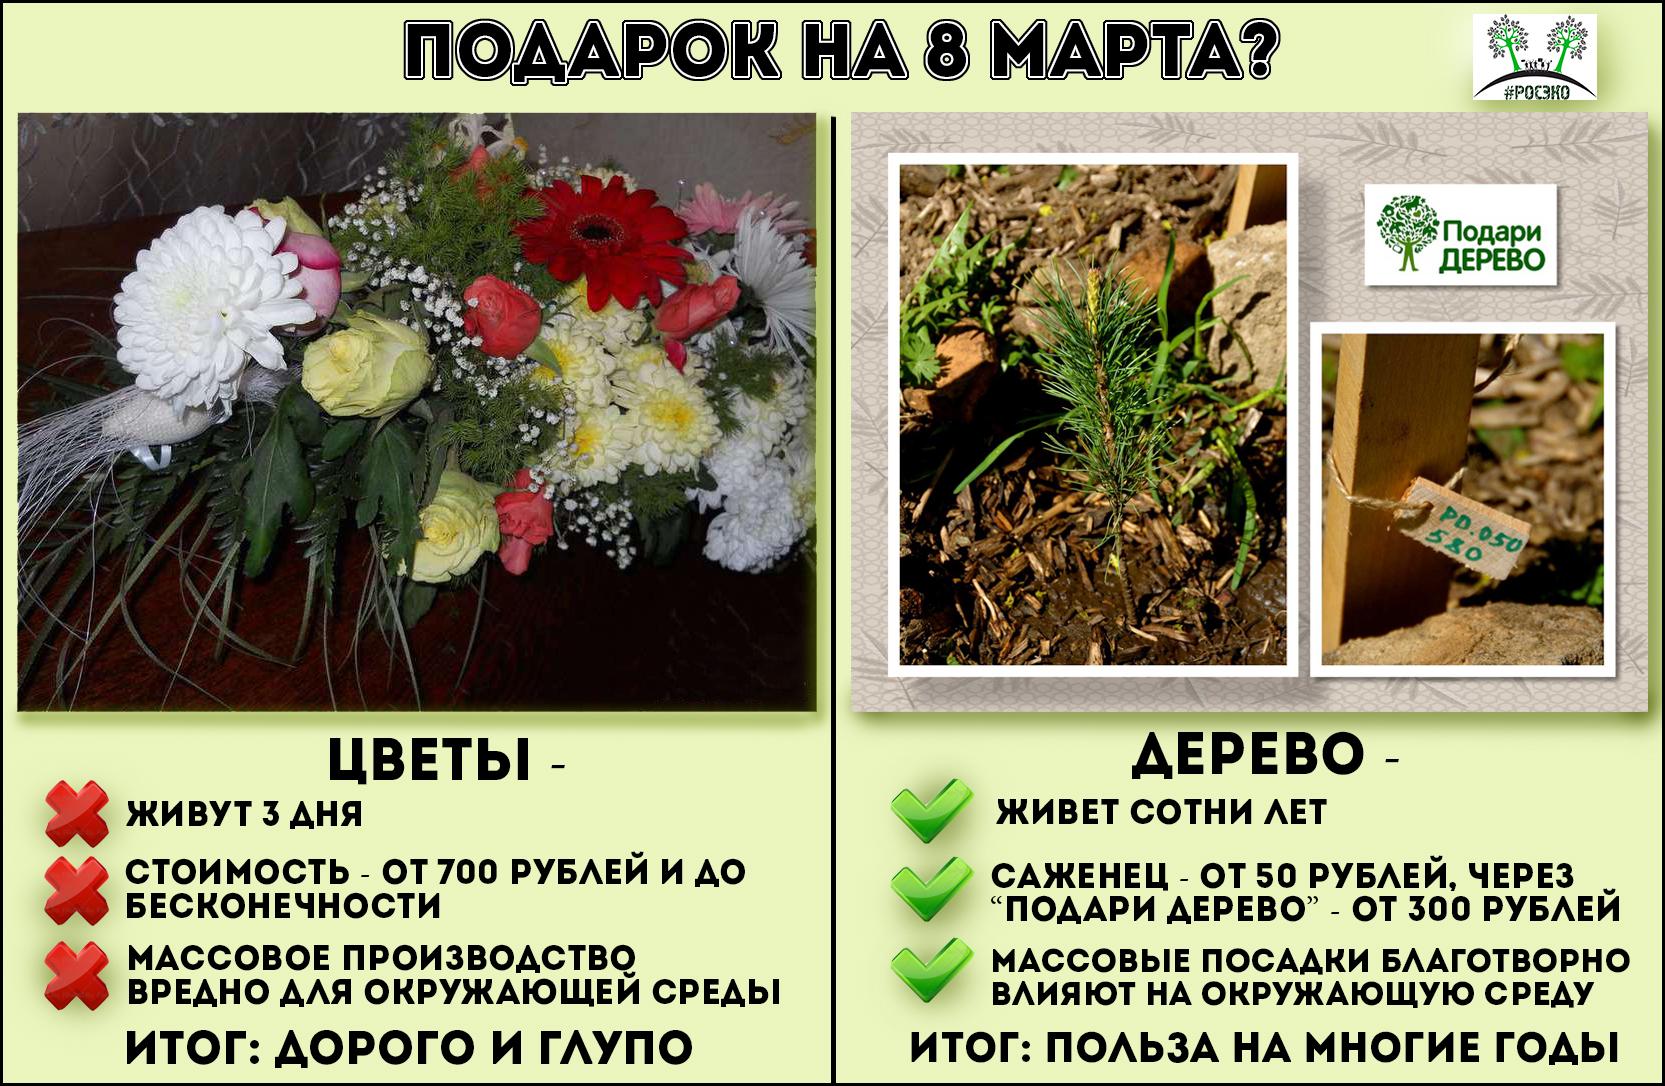 Живые срезанные цветы - это жертвоприношение подарок молознакомому мужчине